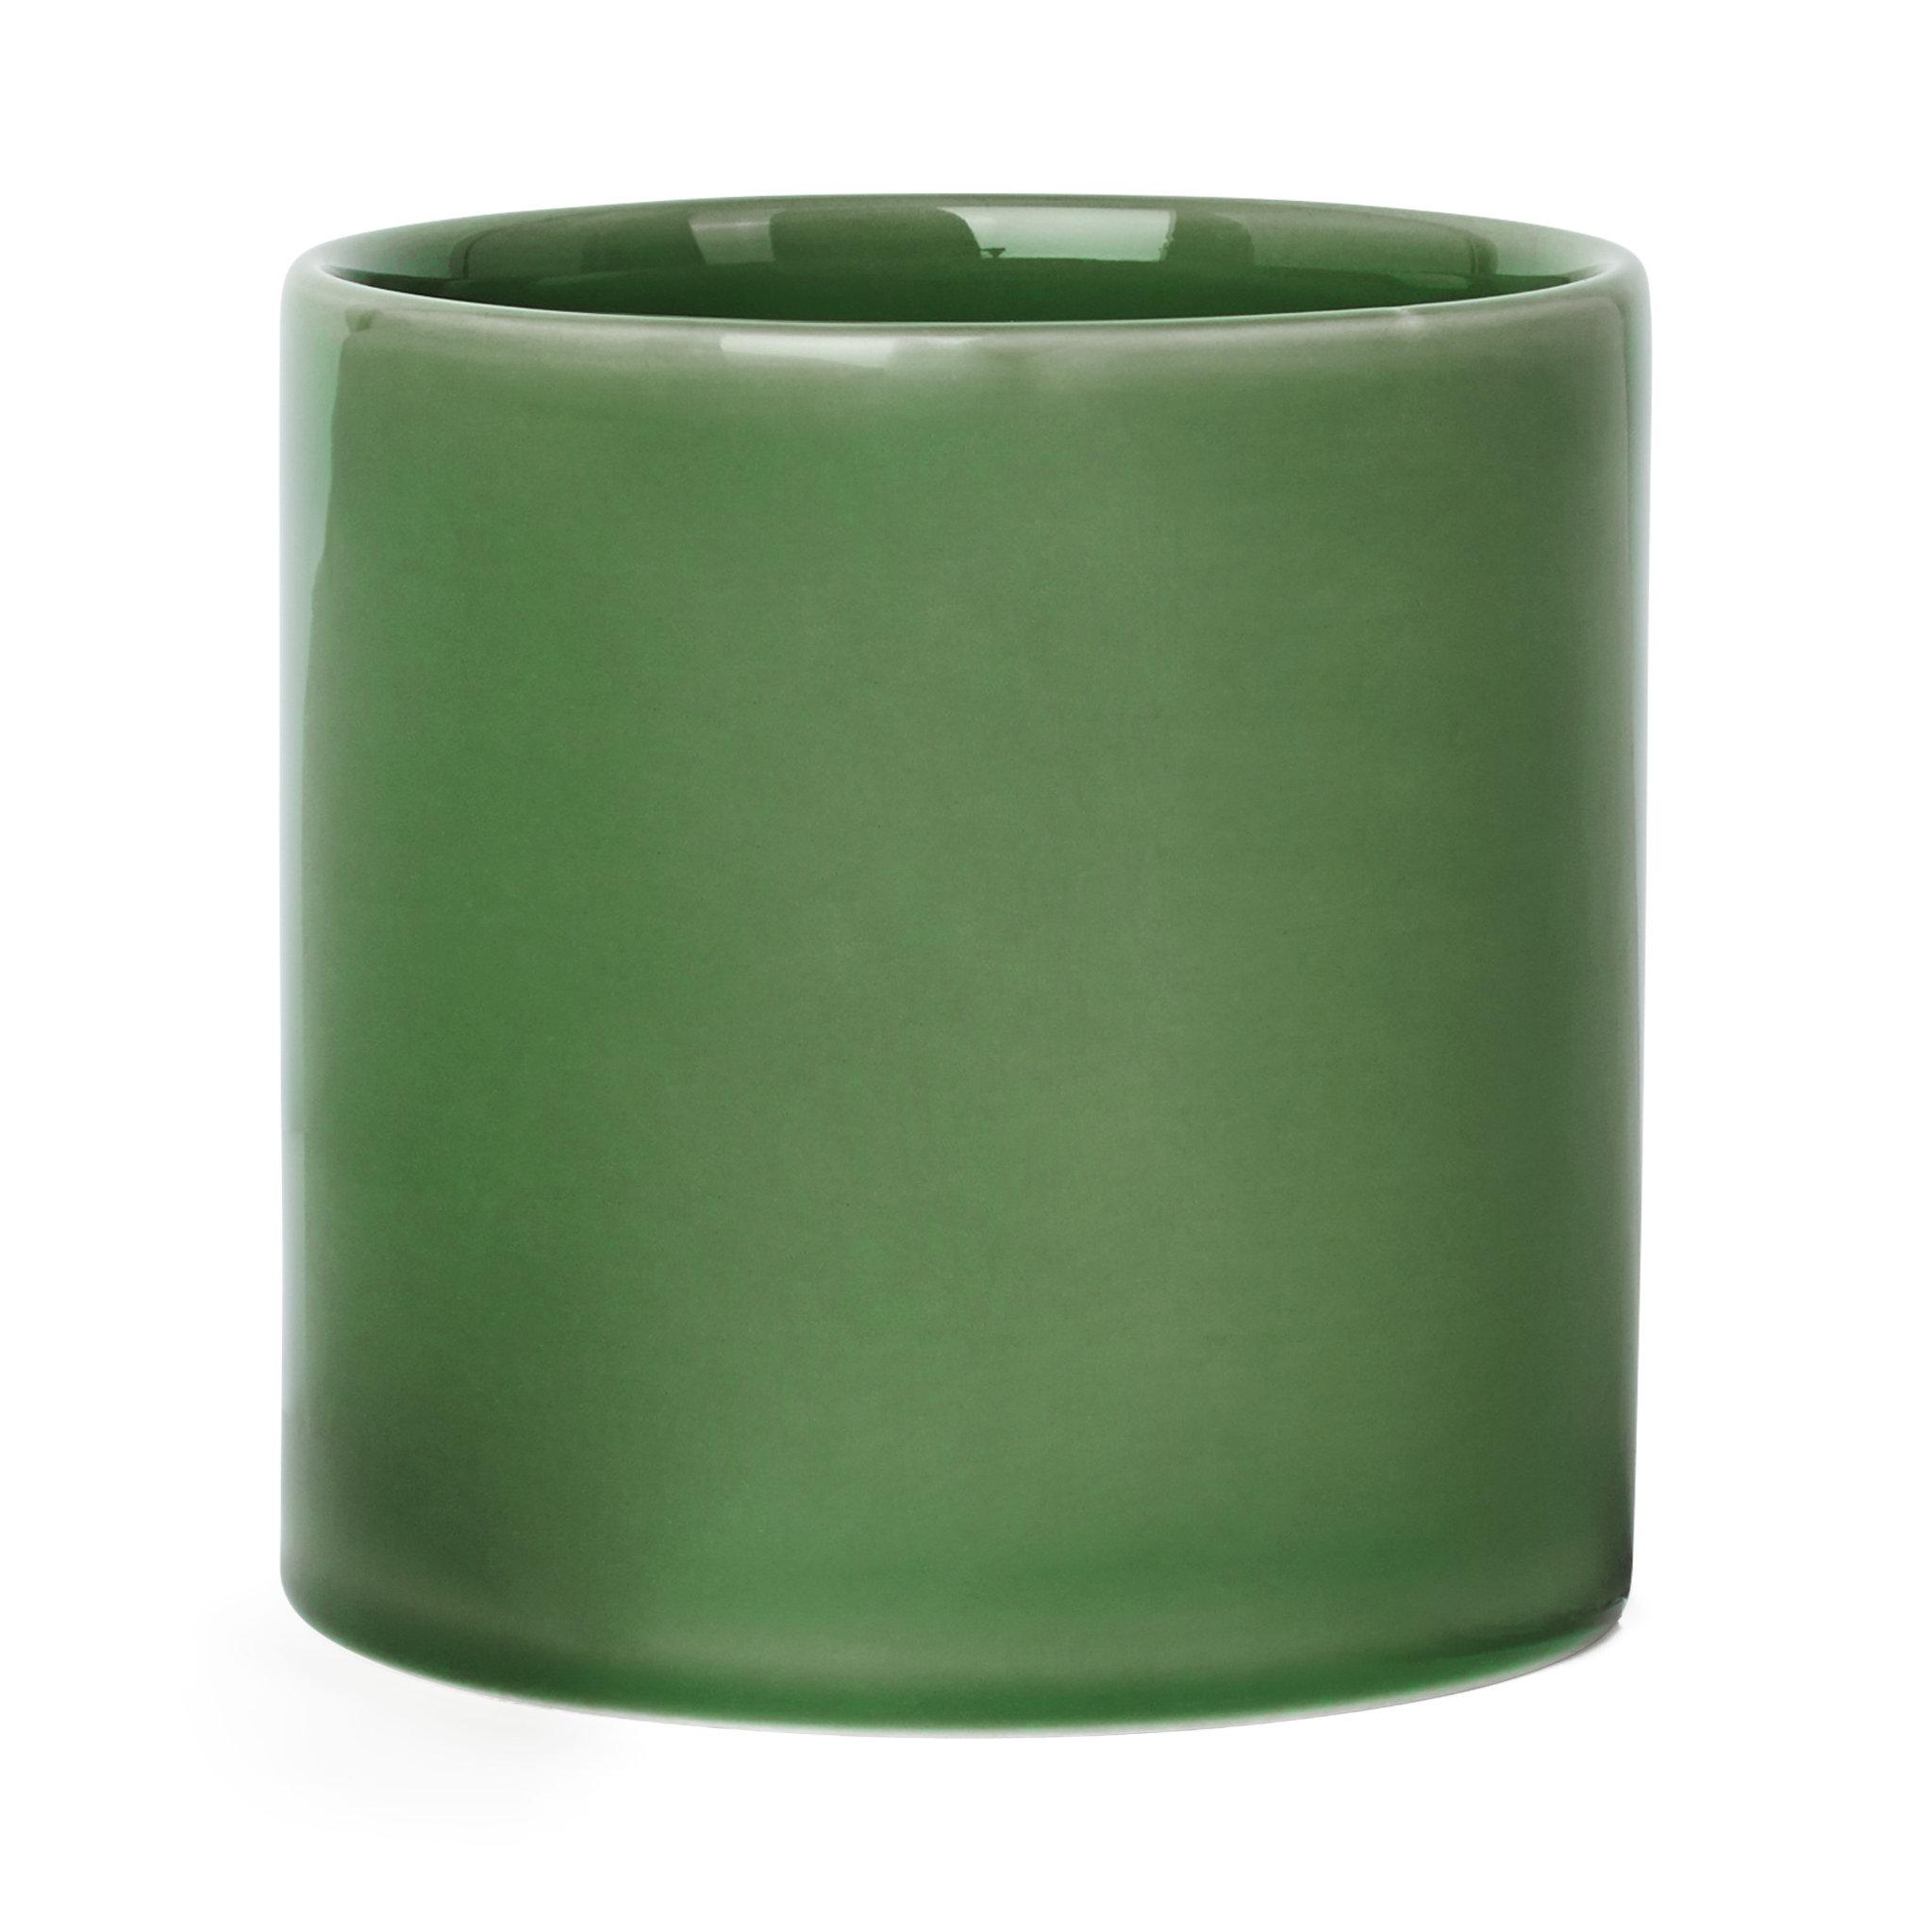 Kruka keramik, 16x16cm